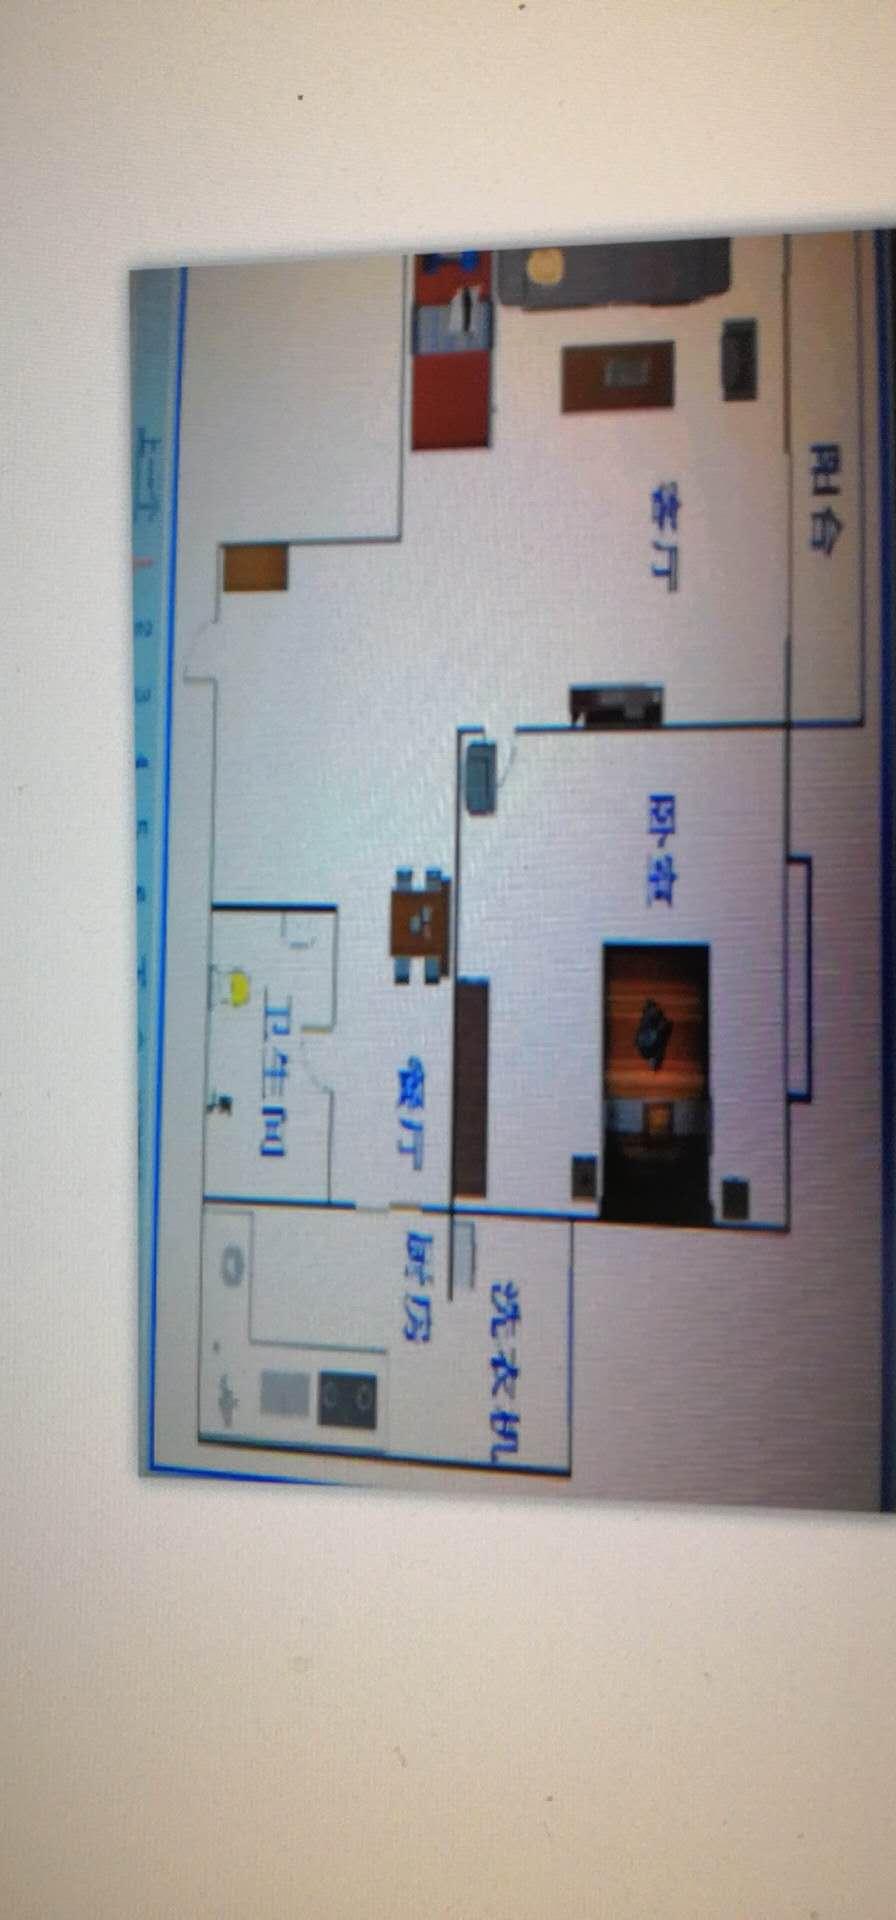 泰和名仕港 1室1厅 7楼